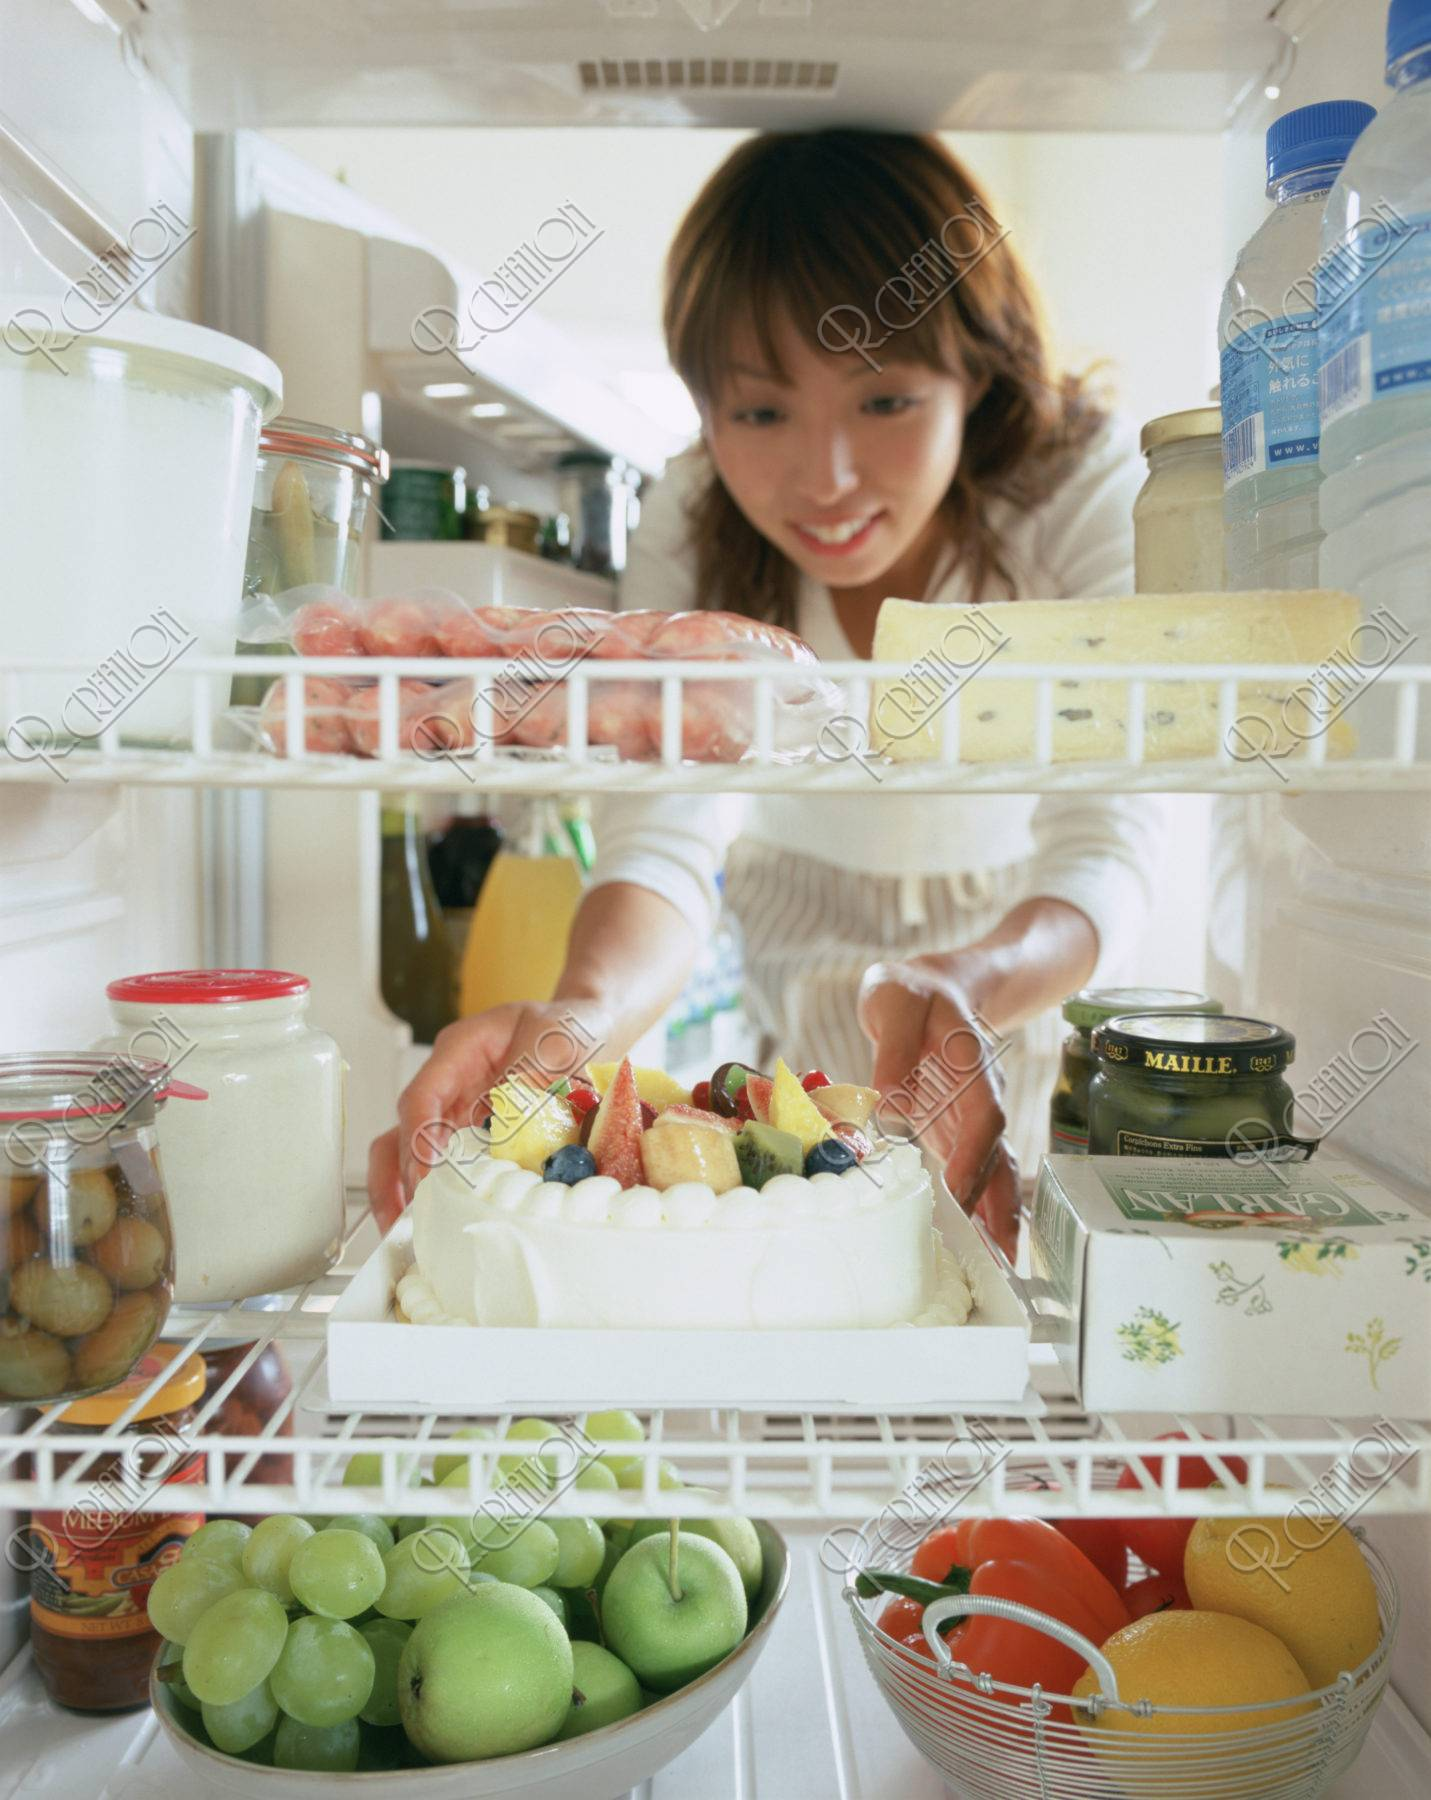 冷蔵庫からケーキを取る女性